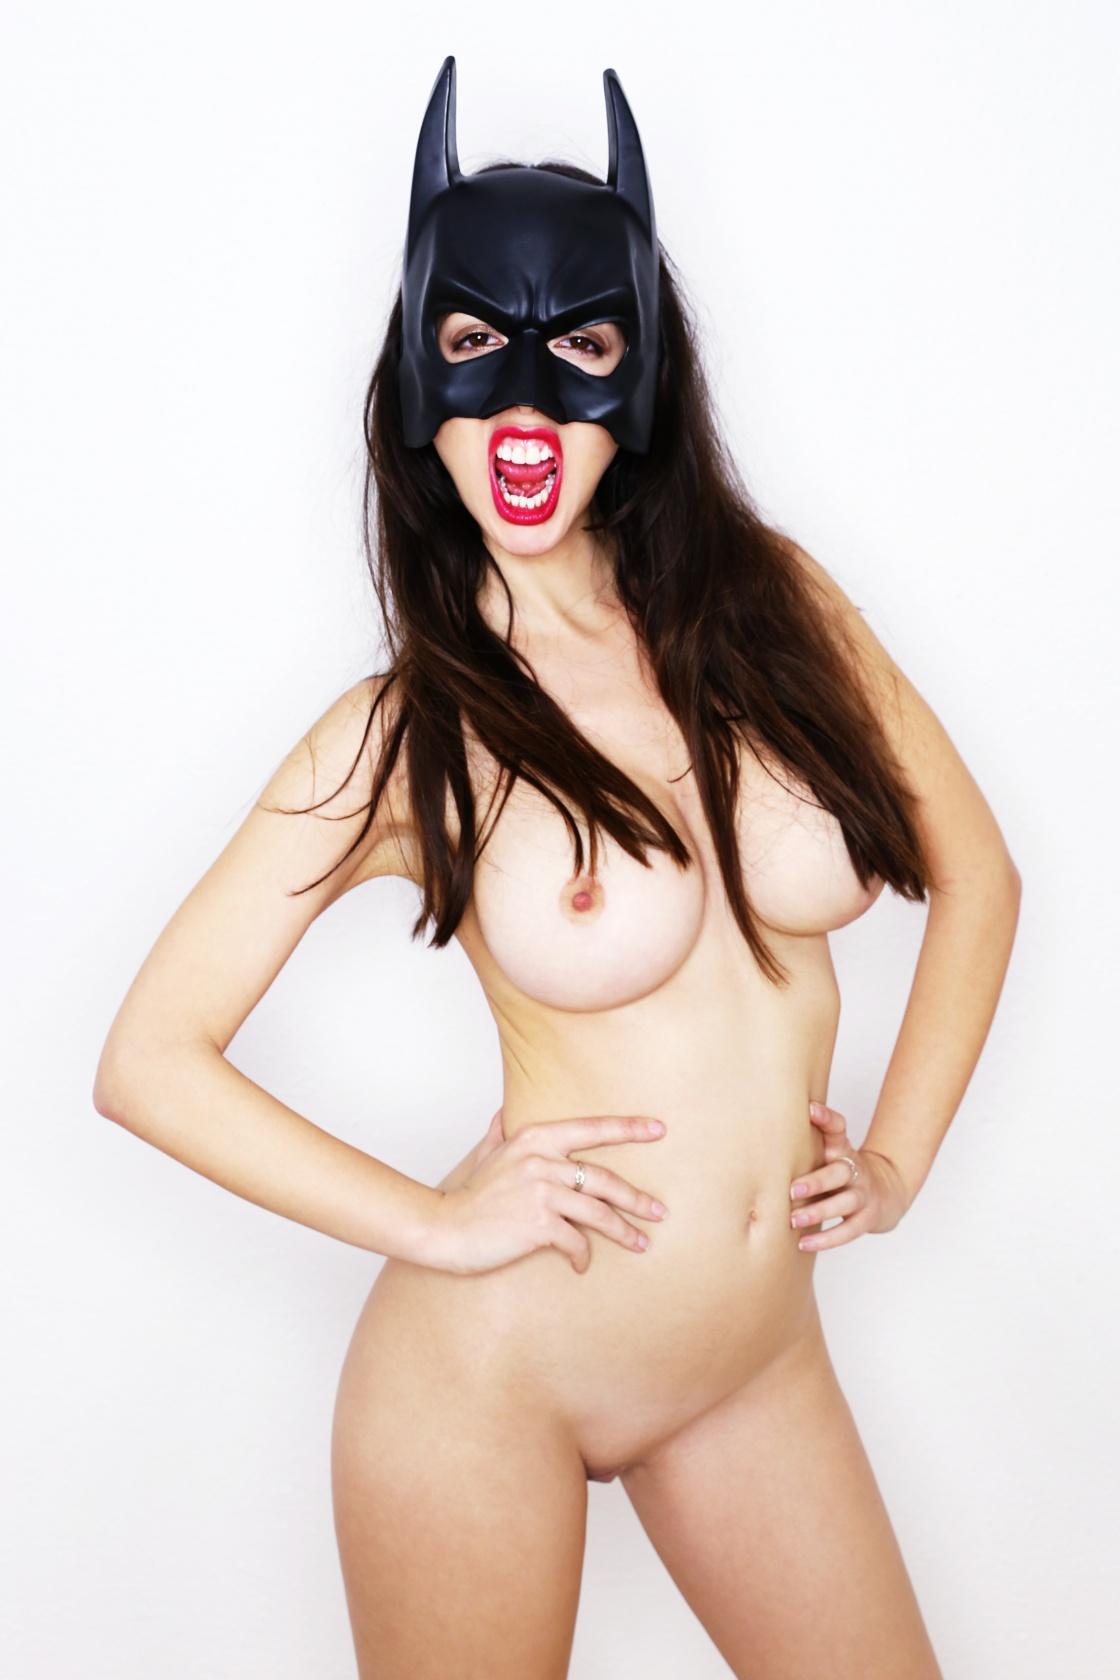 Batwoman, Catwoman, Datwoman